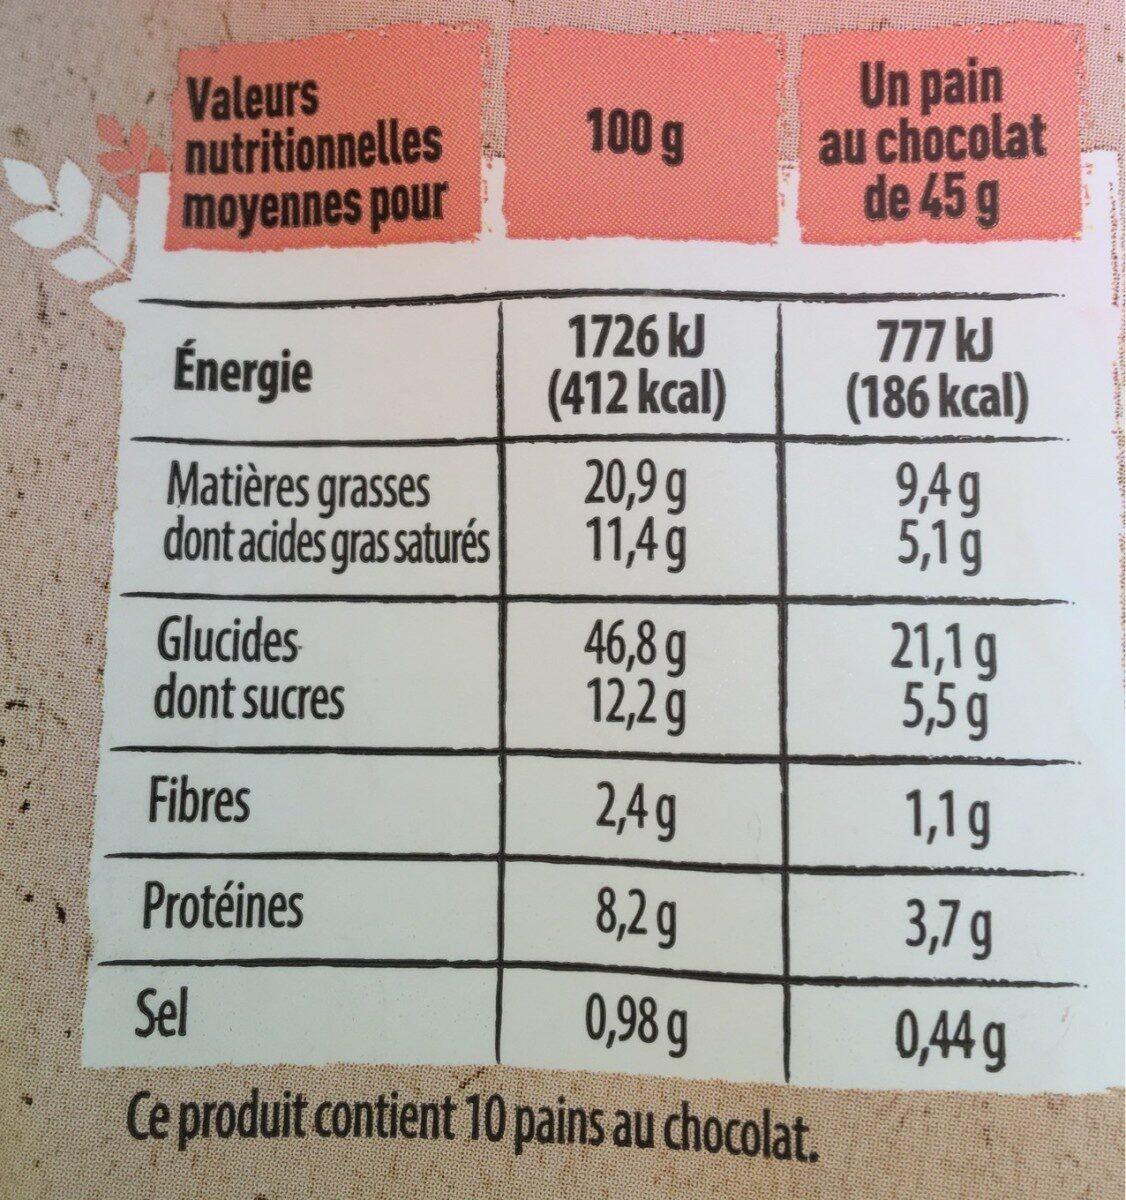 10 pains au chocolat au levain - Informations nutritionnelles - fr